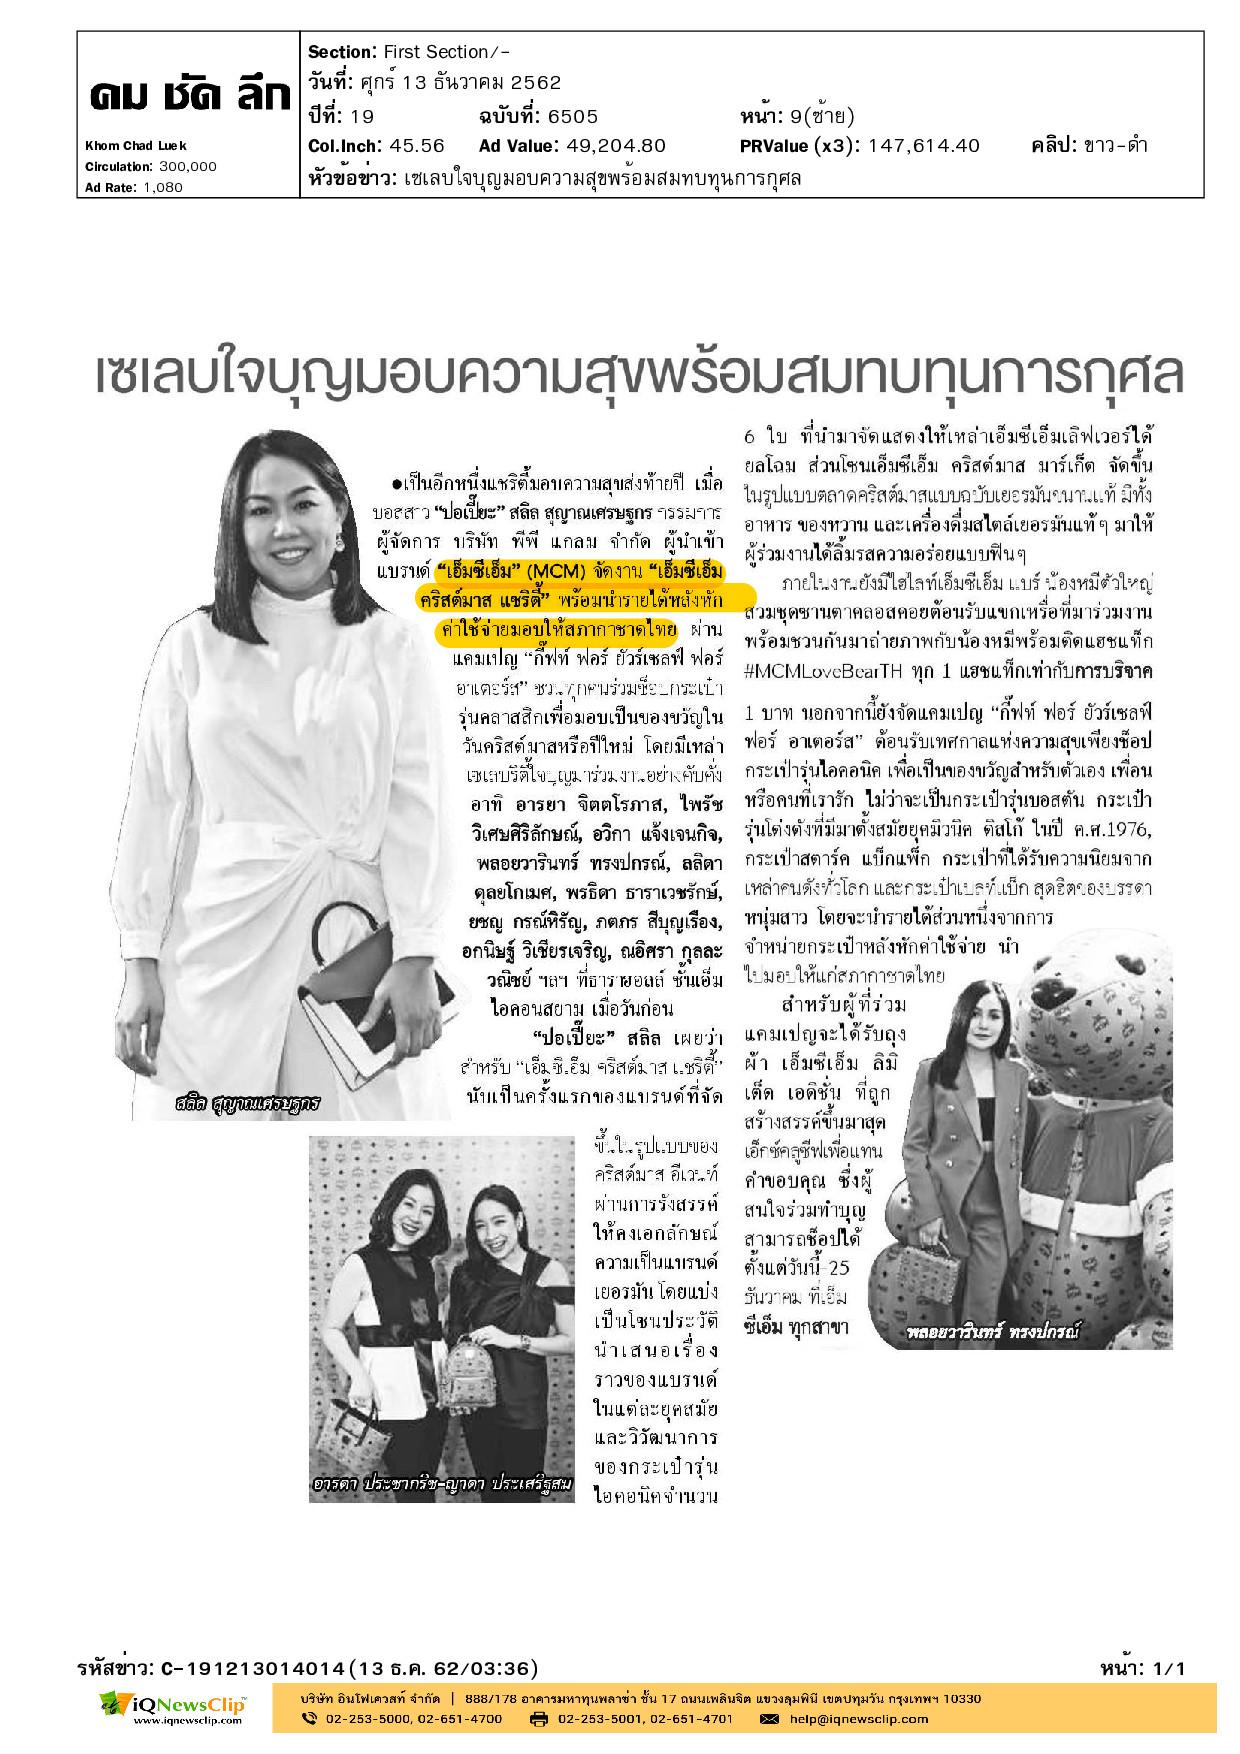 MCM Christmas Charity นำรายได้มอบให้สภากาชาดไทย